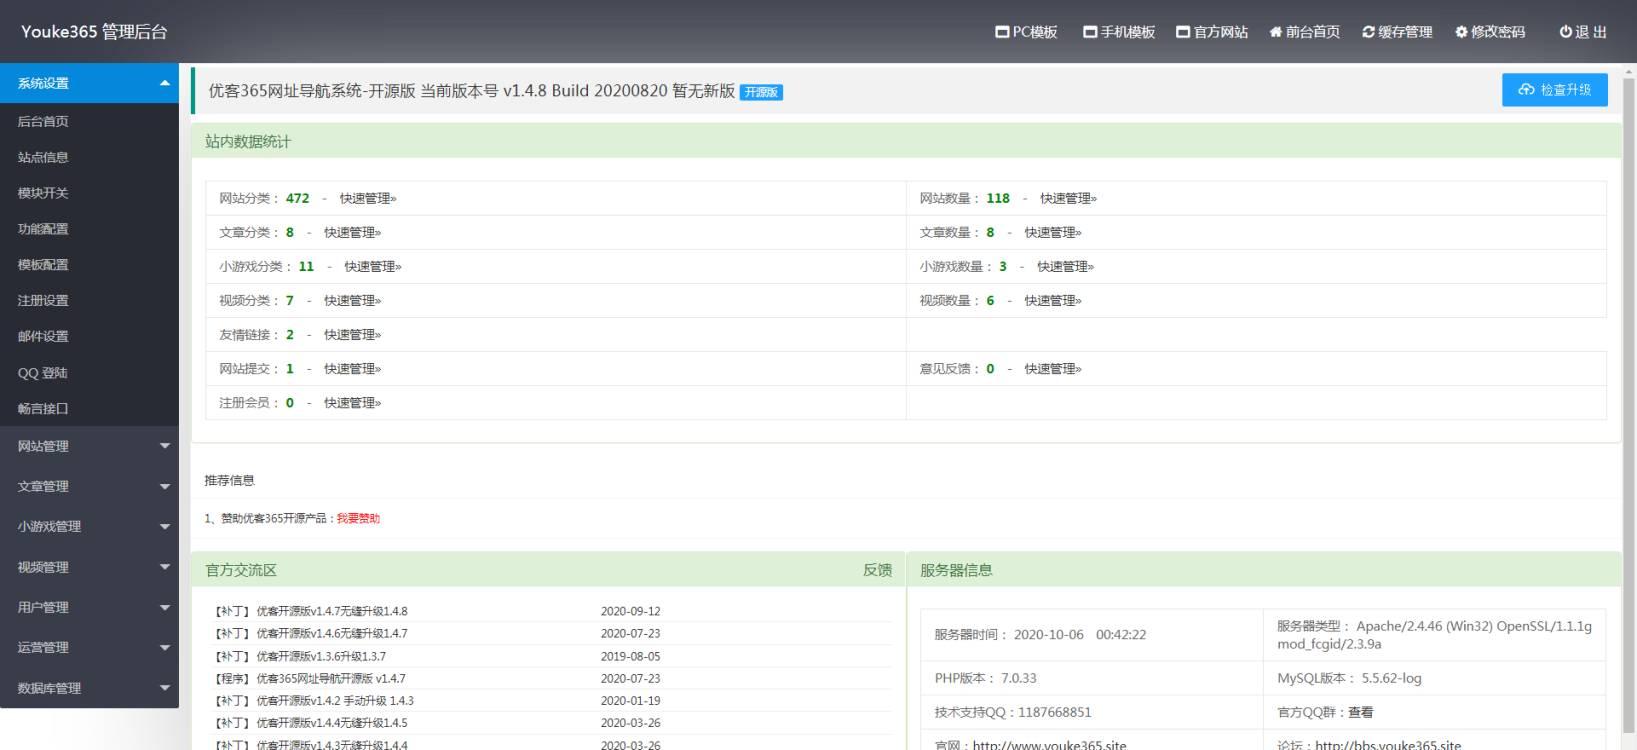 优客365网站分类导航系统源码开源版 v1.4.8插图1